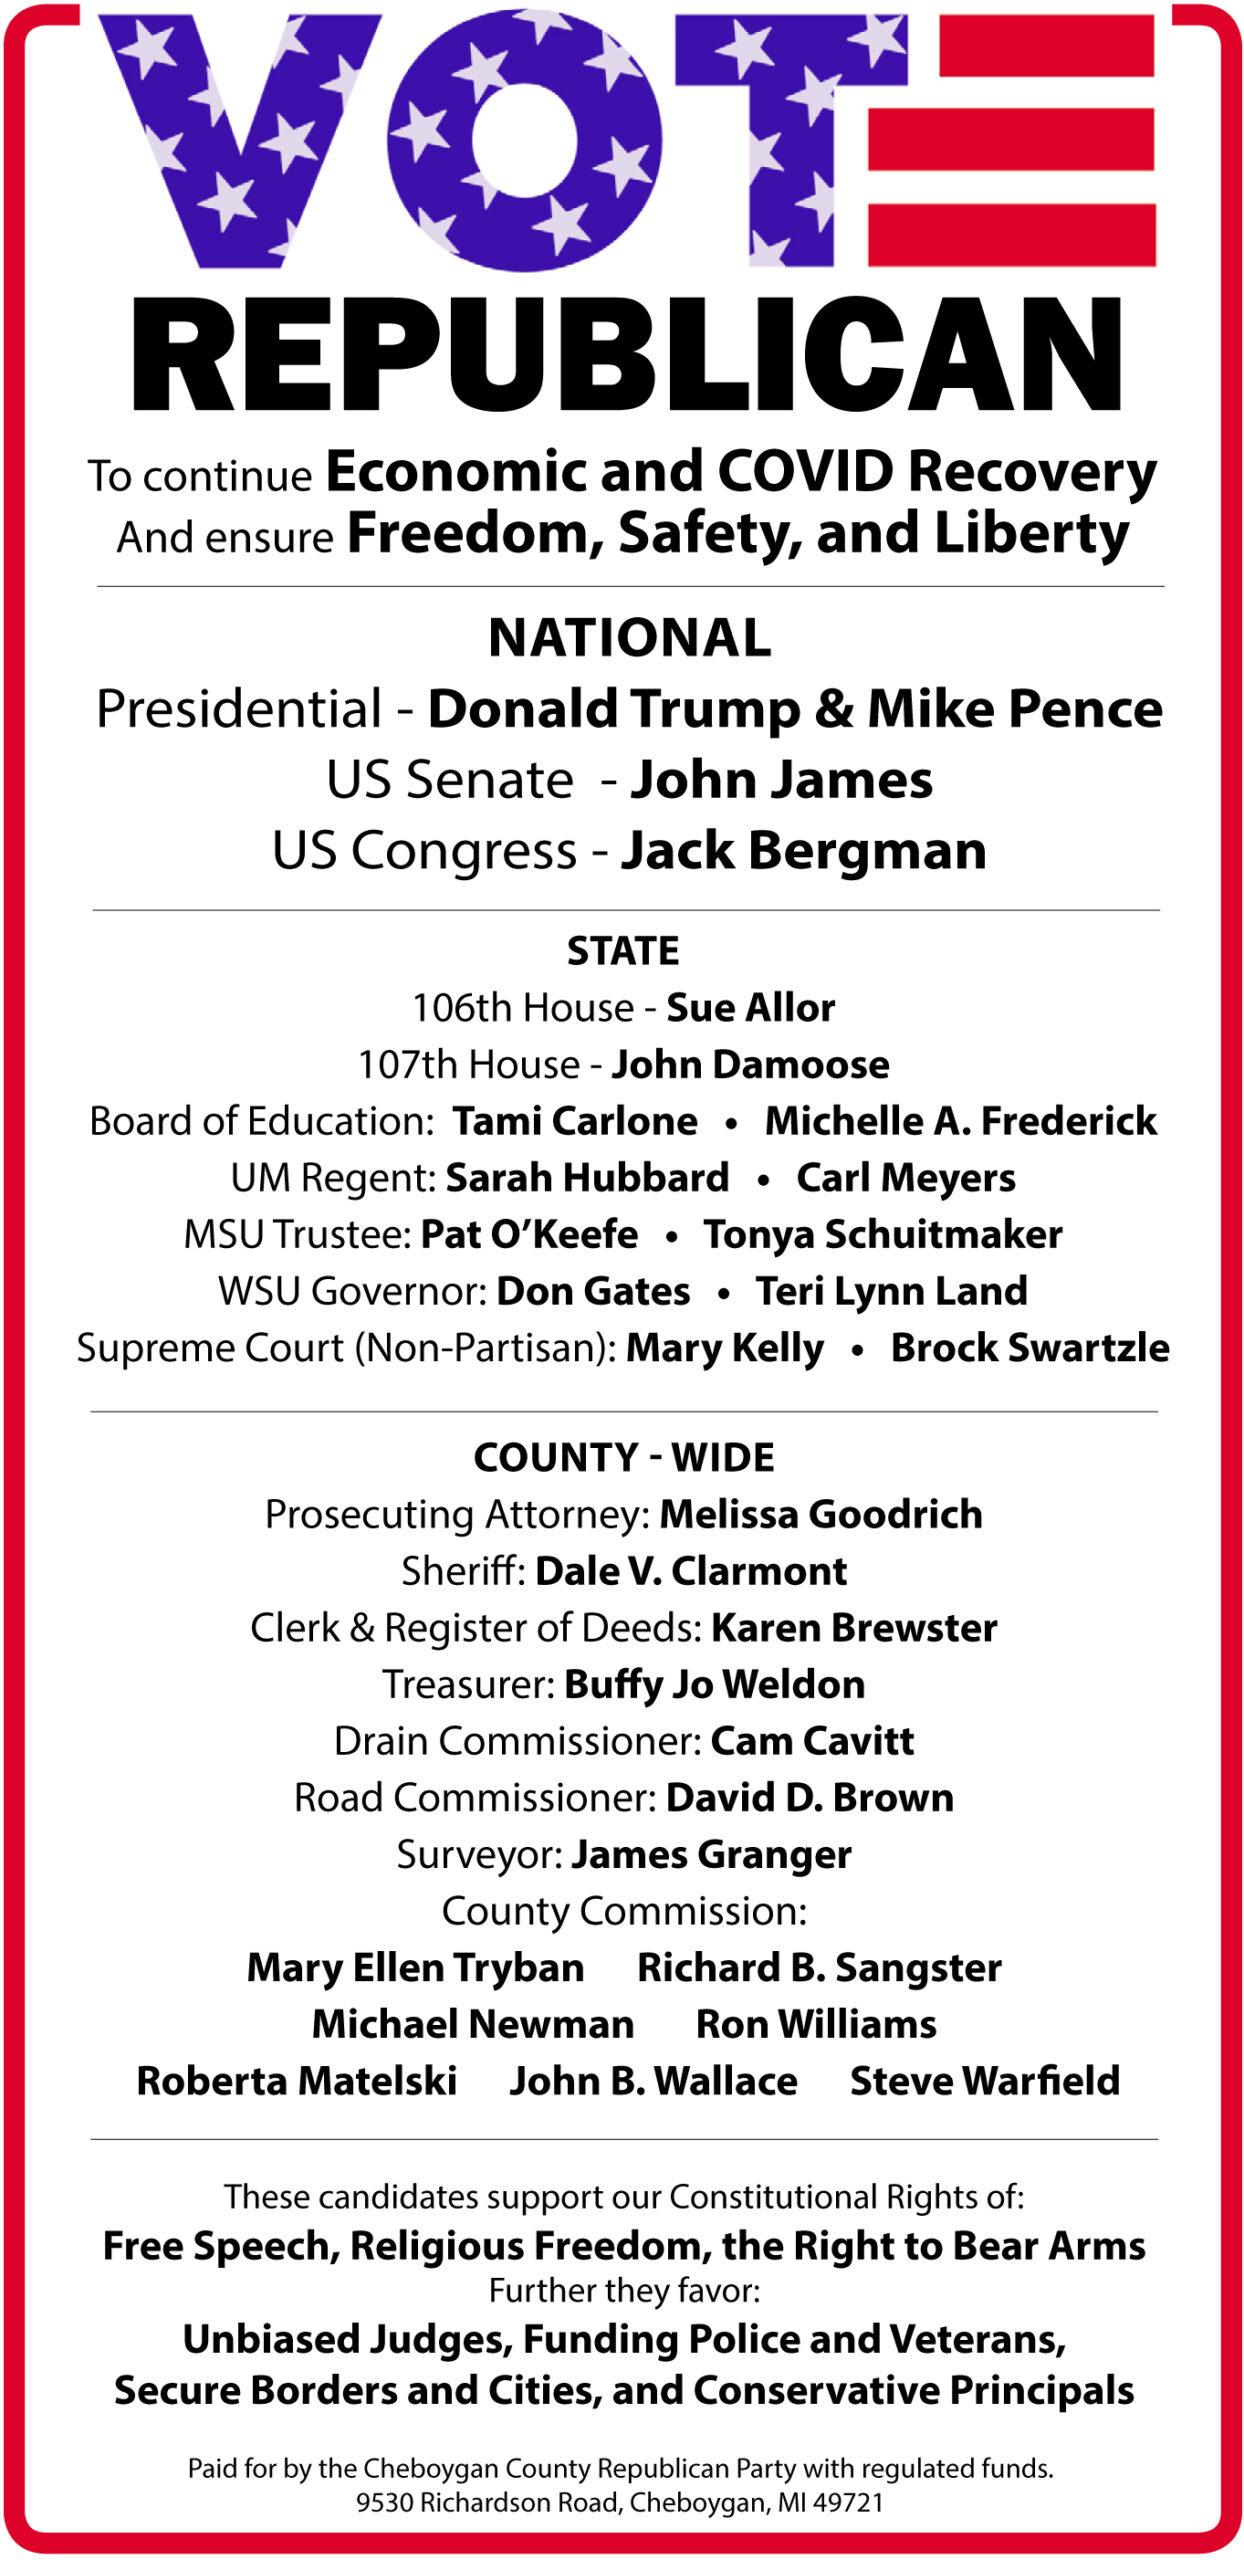 Vote Republican Nov. 3rd